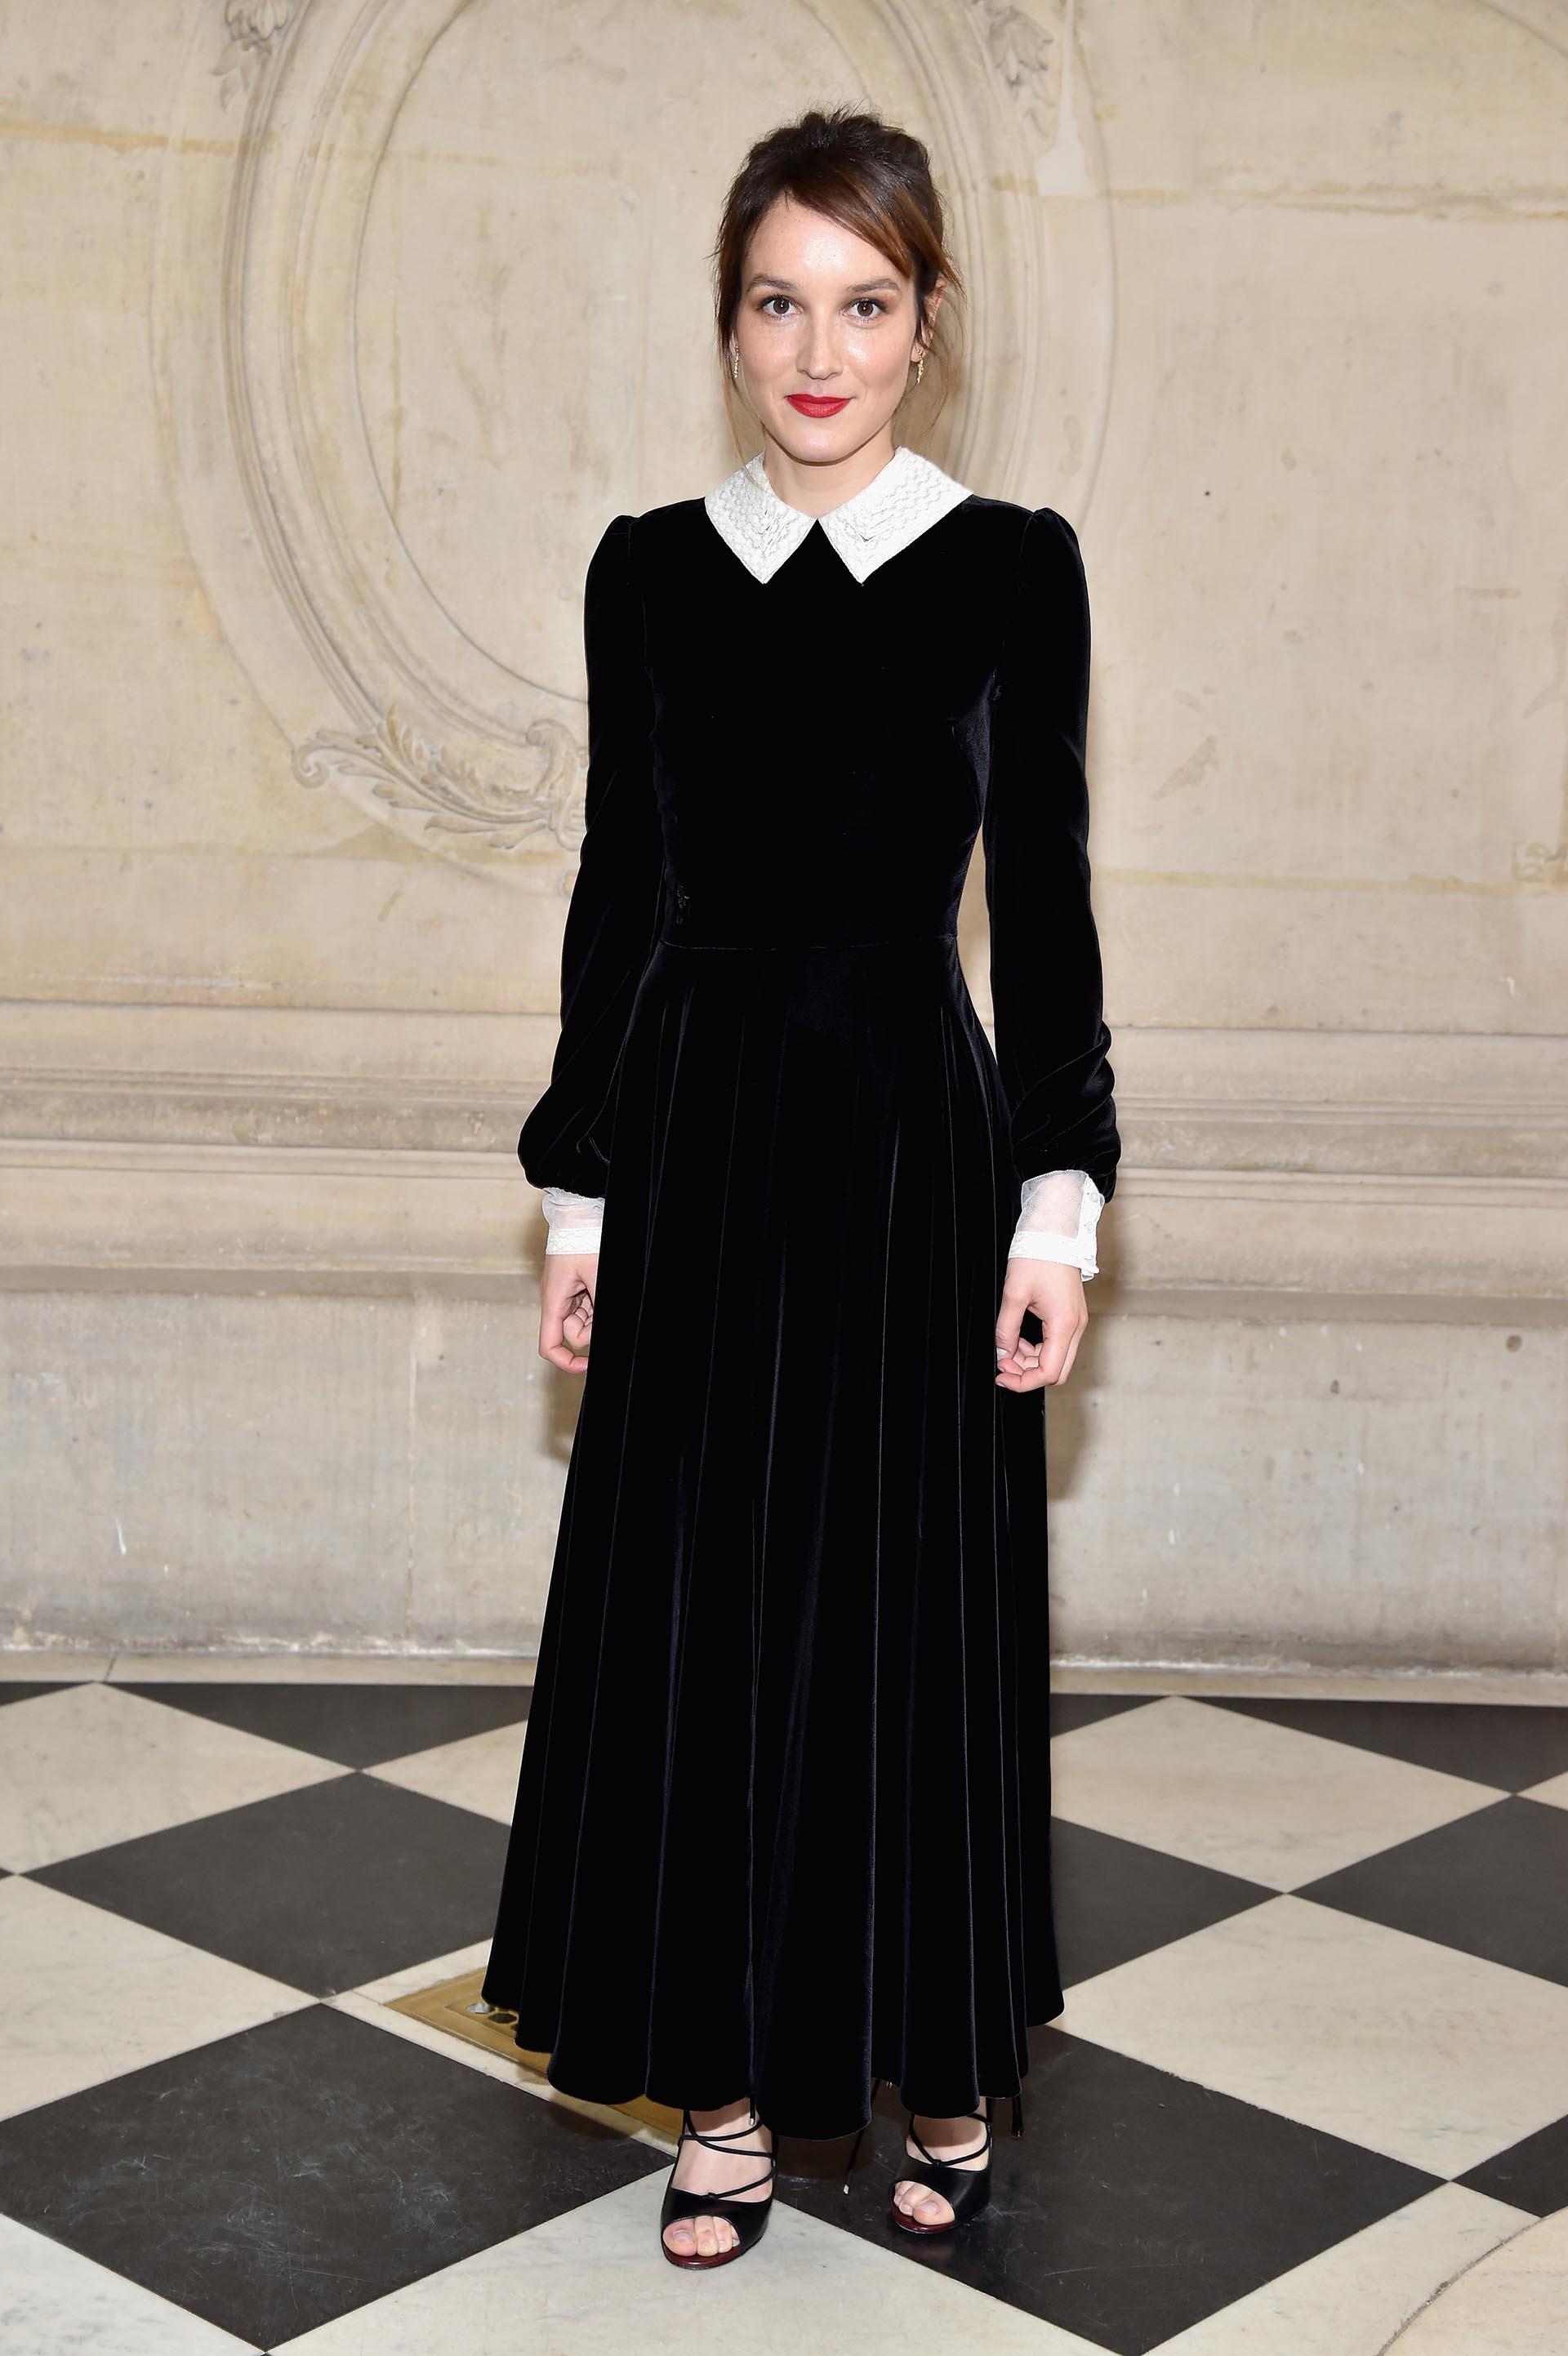 Exquisito terciopelo negro combinado con cuello y puños blancos para Anais Demoustier